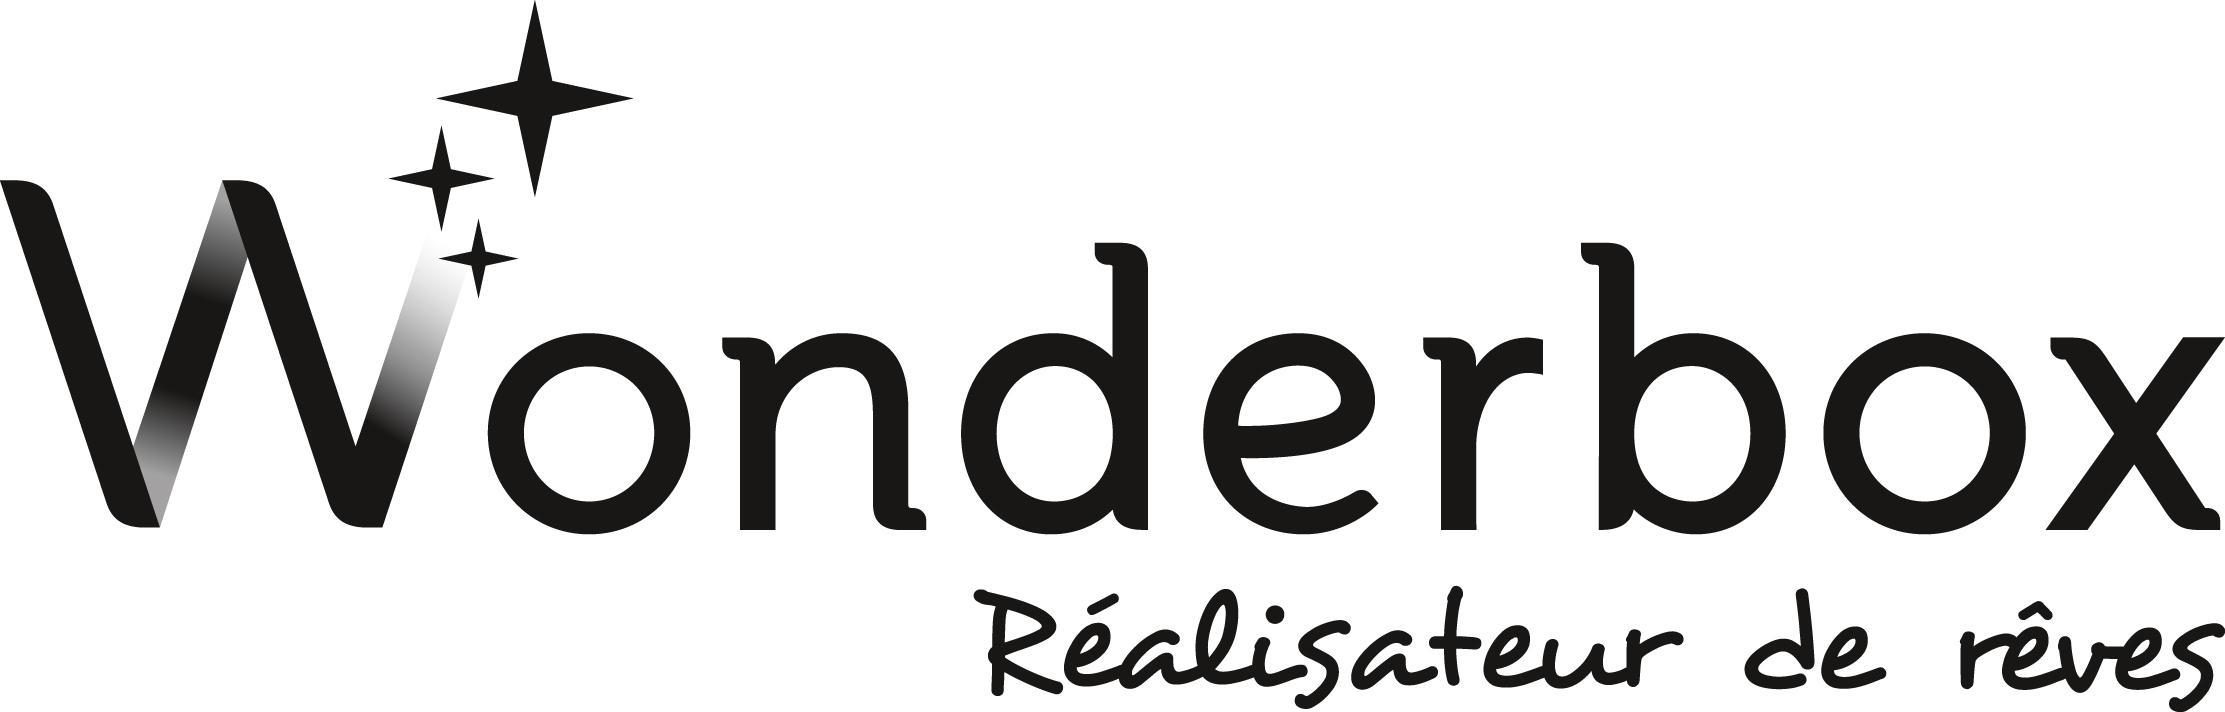 Jeu 100% gagnant : 15€ de réduction sur Wonderbox dès 49,90€ d'achat + 15€ sans minimum sur Wonderweekend